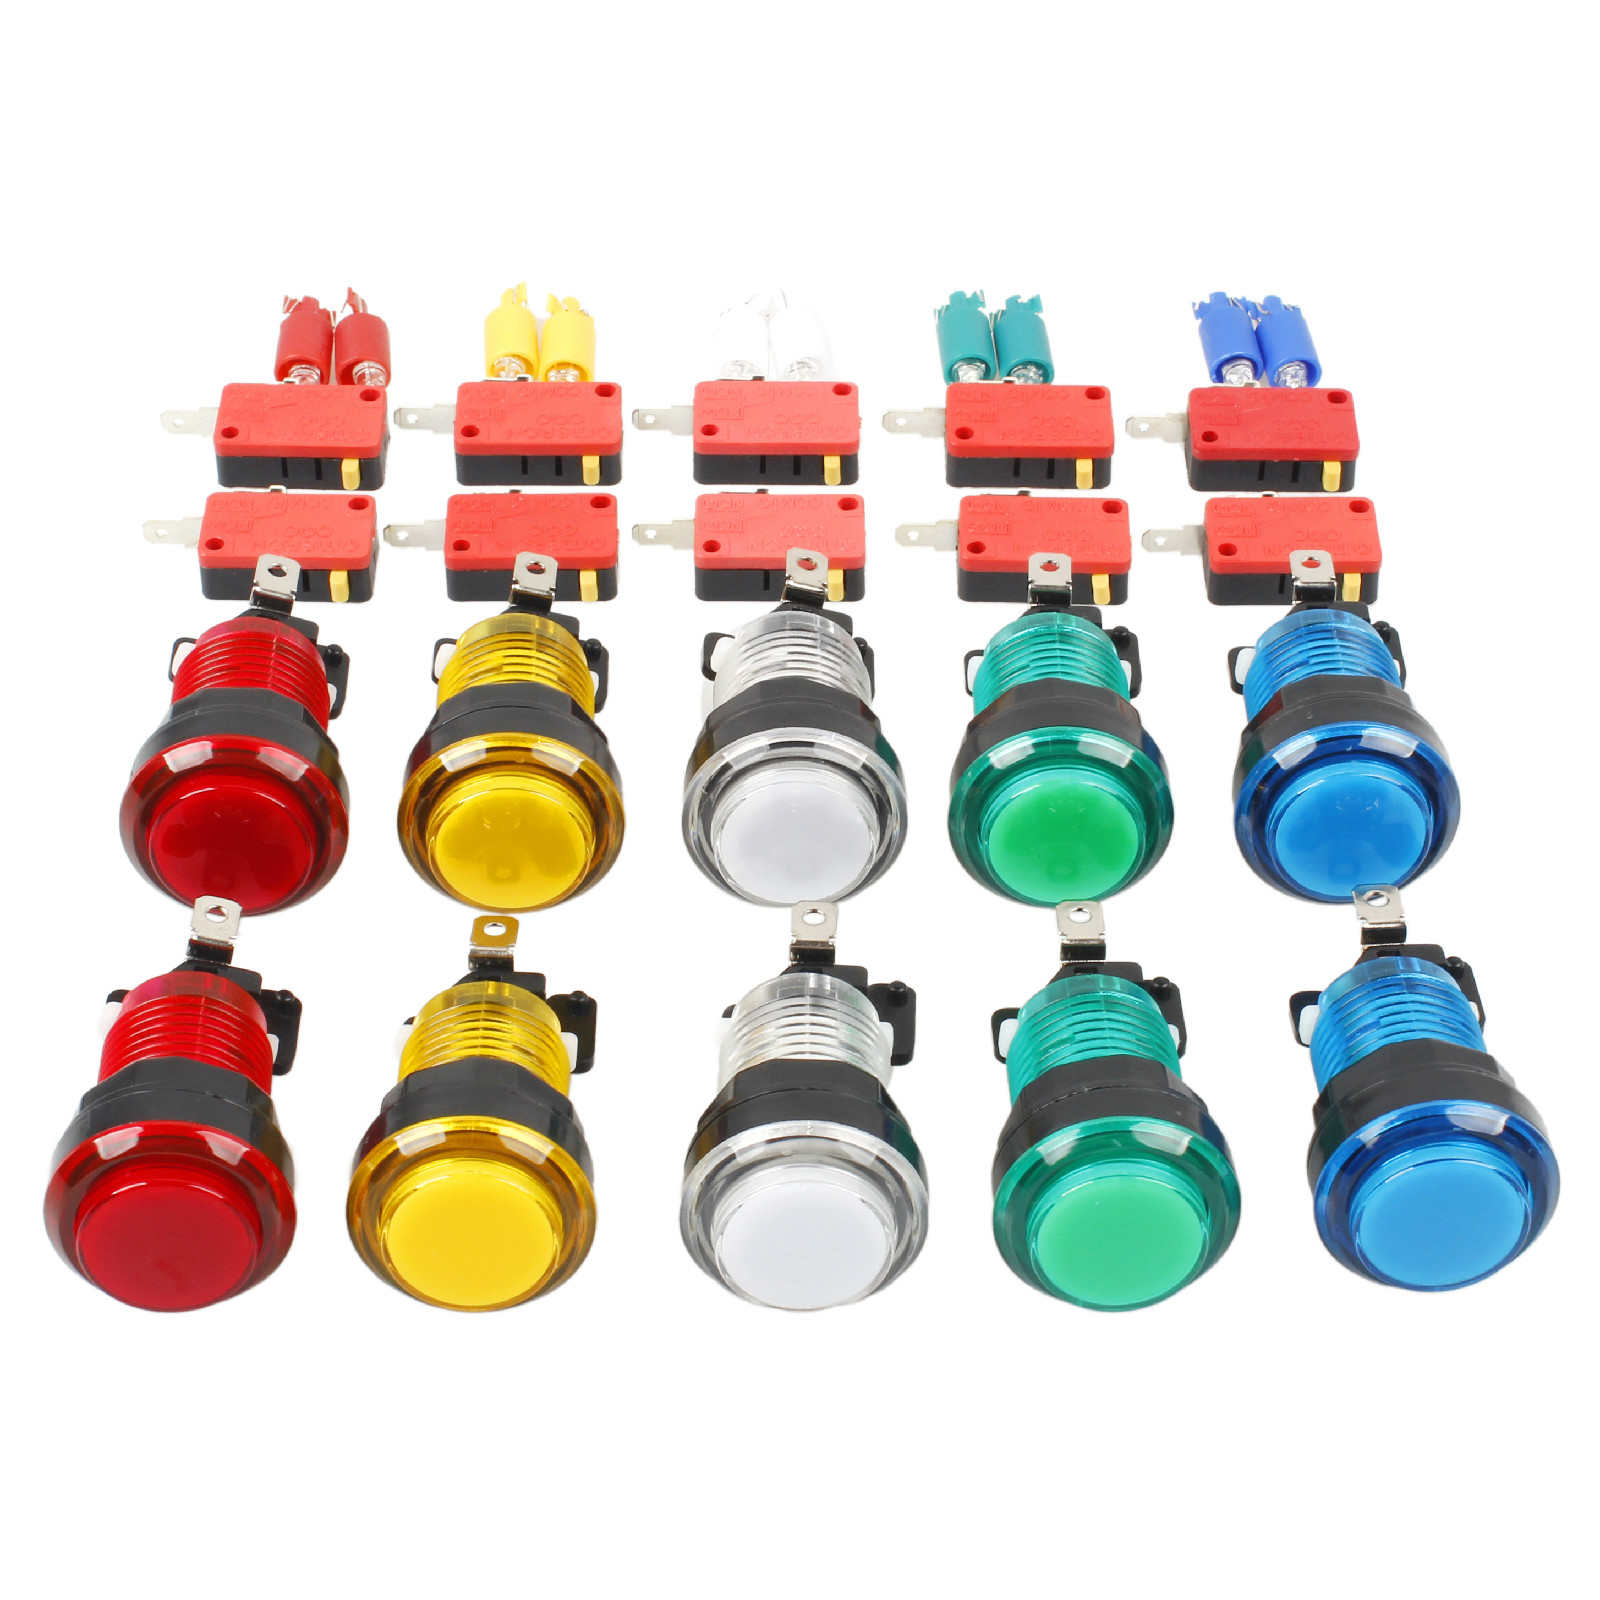 10x Neue 30mm Volle Farben LED Lit Beleuchtete Tasten Für Arcade Maschine DIY Kits Spiele Teile